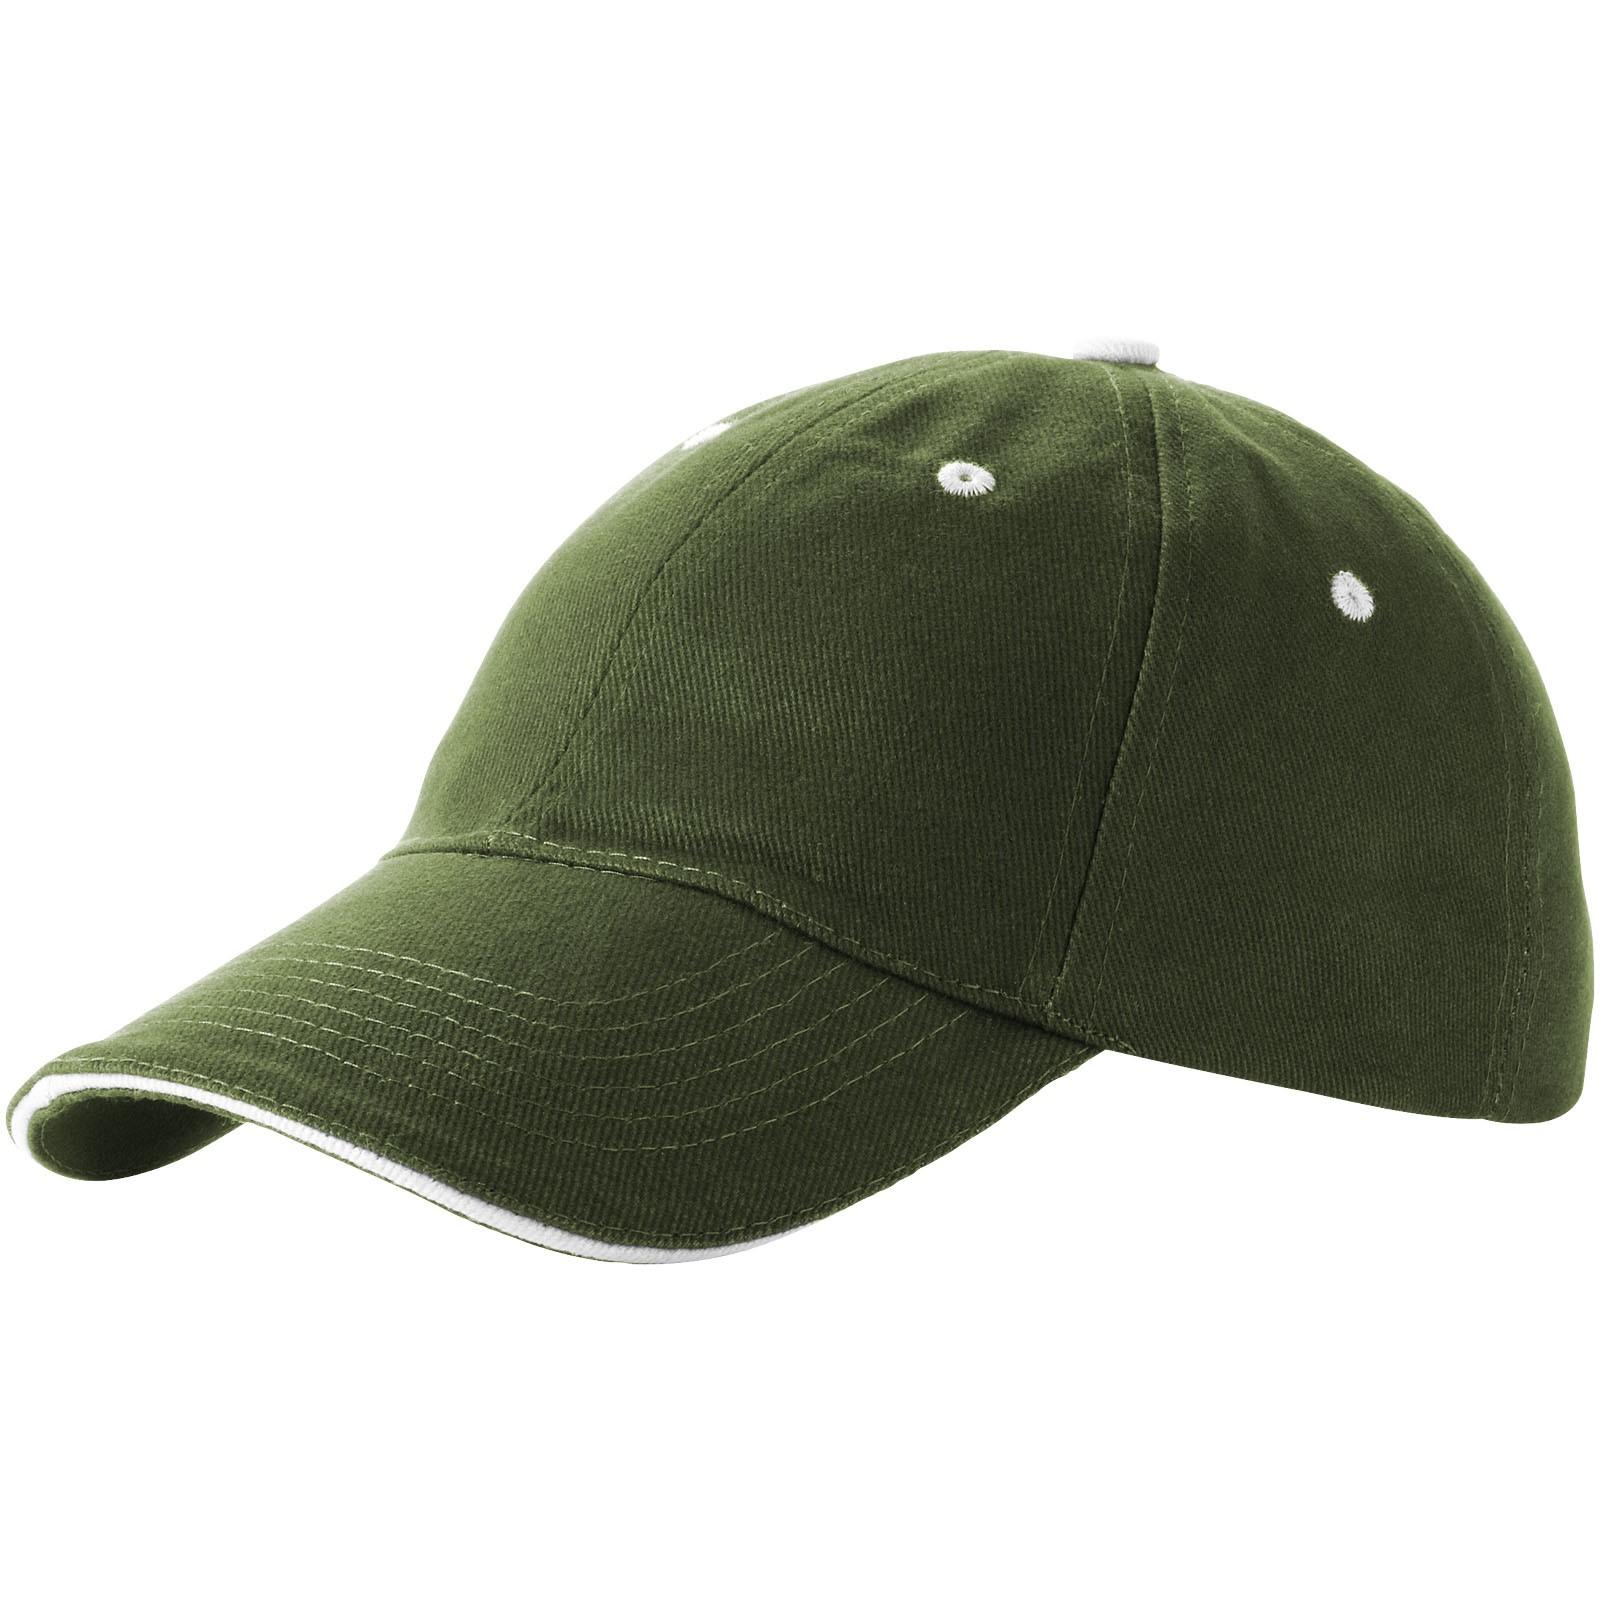 Čepice Brent, 6 panelů - Vojenská zelená